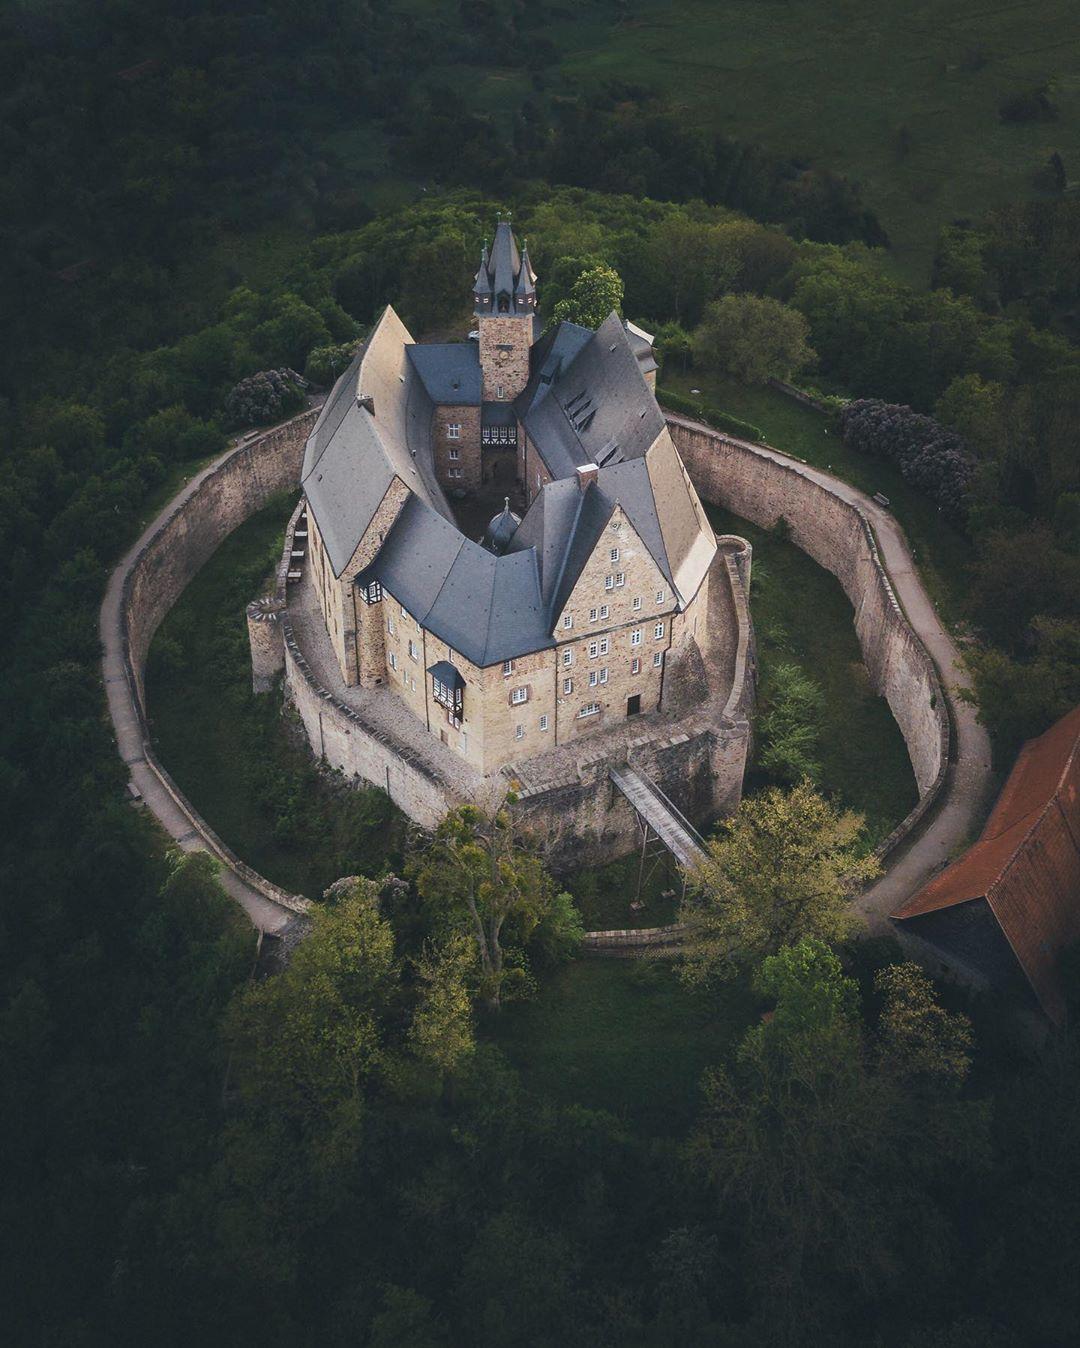 Путешествия и замки на снимках Христофа Шляйна